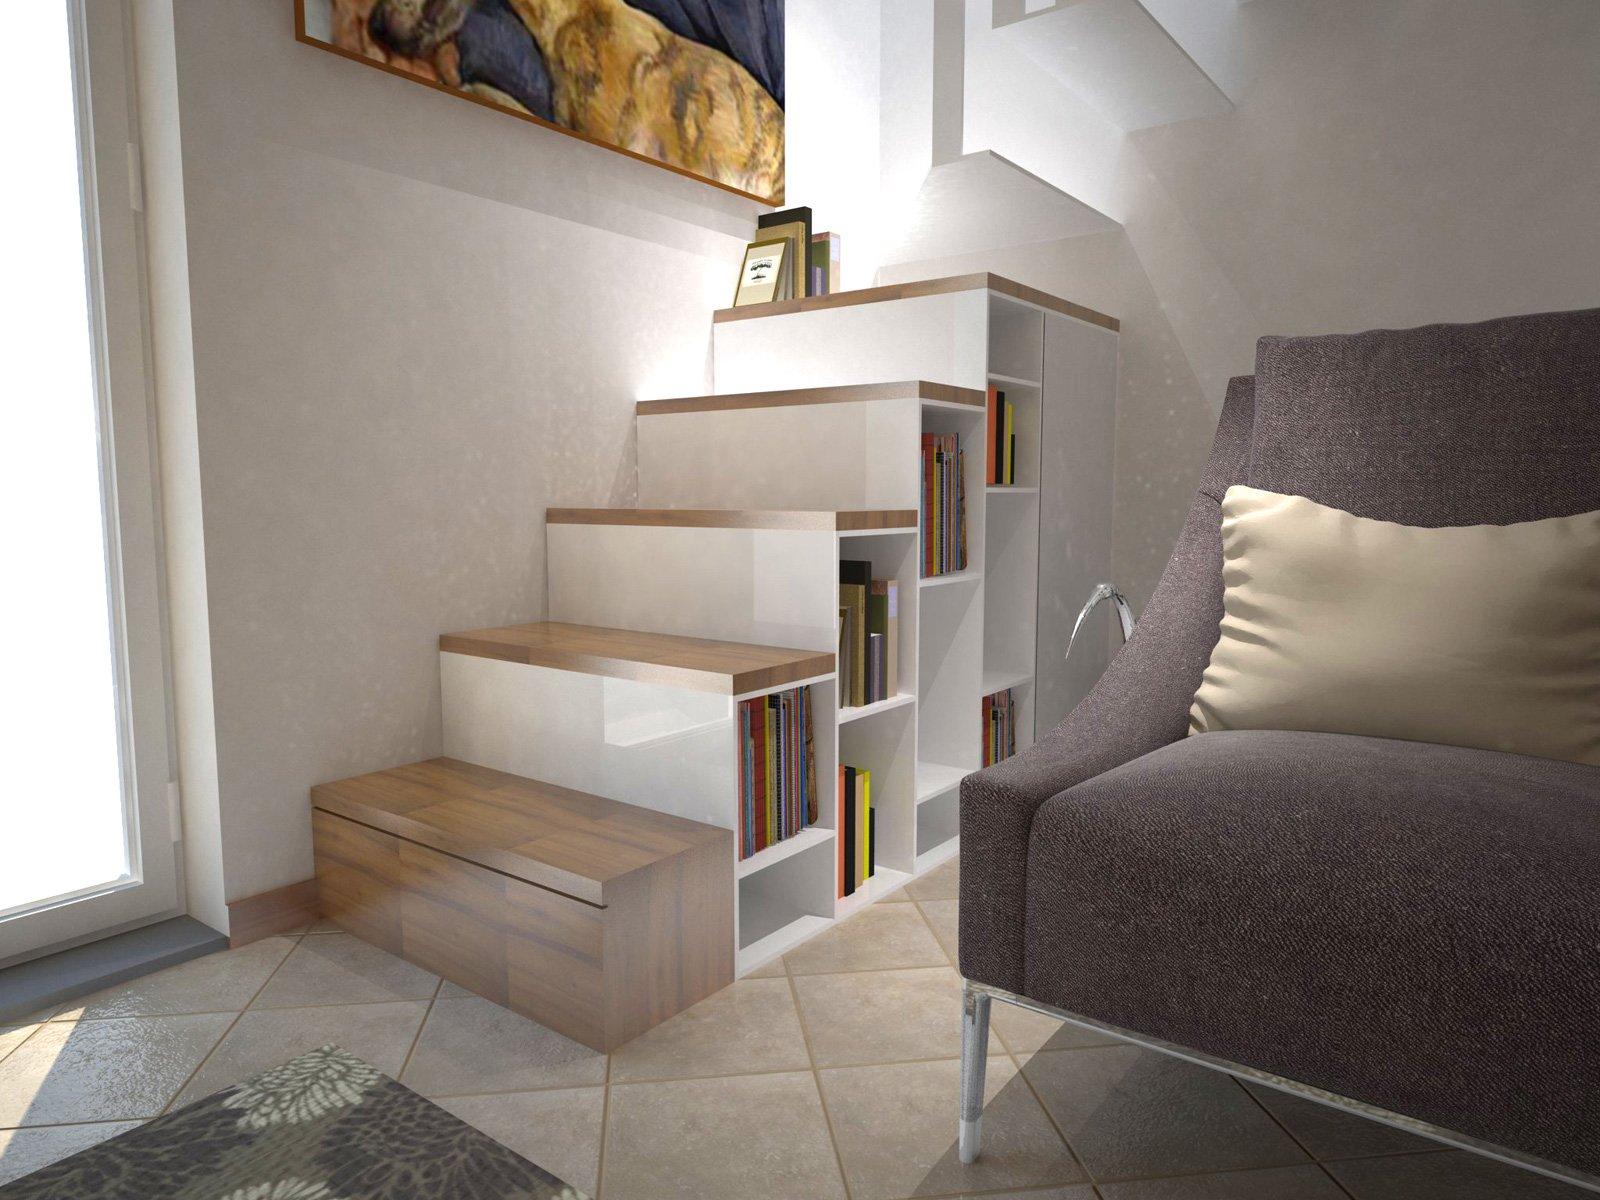 Arredare un soggiorno con tante aperture sulle pareti for Case interne